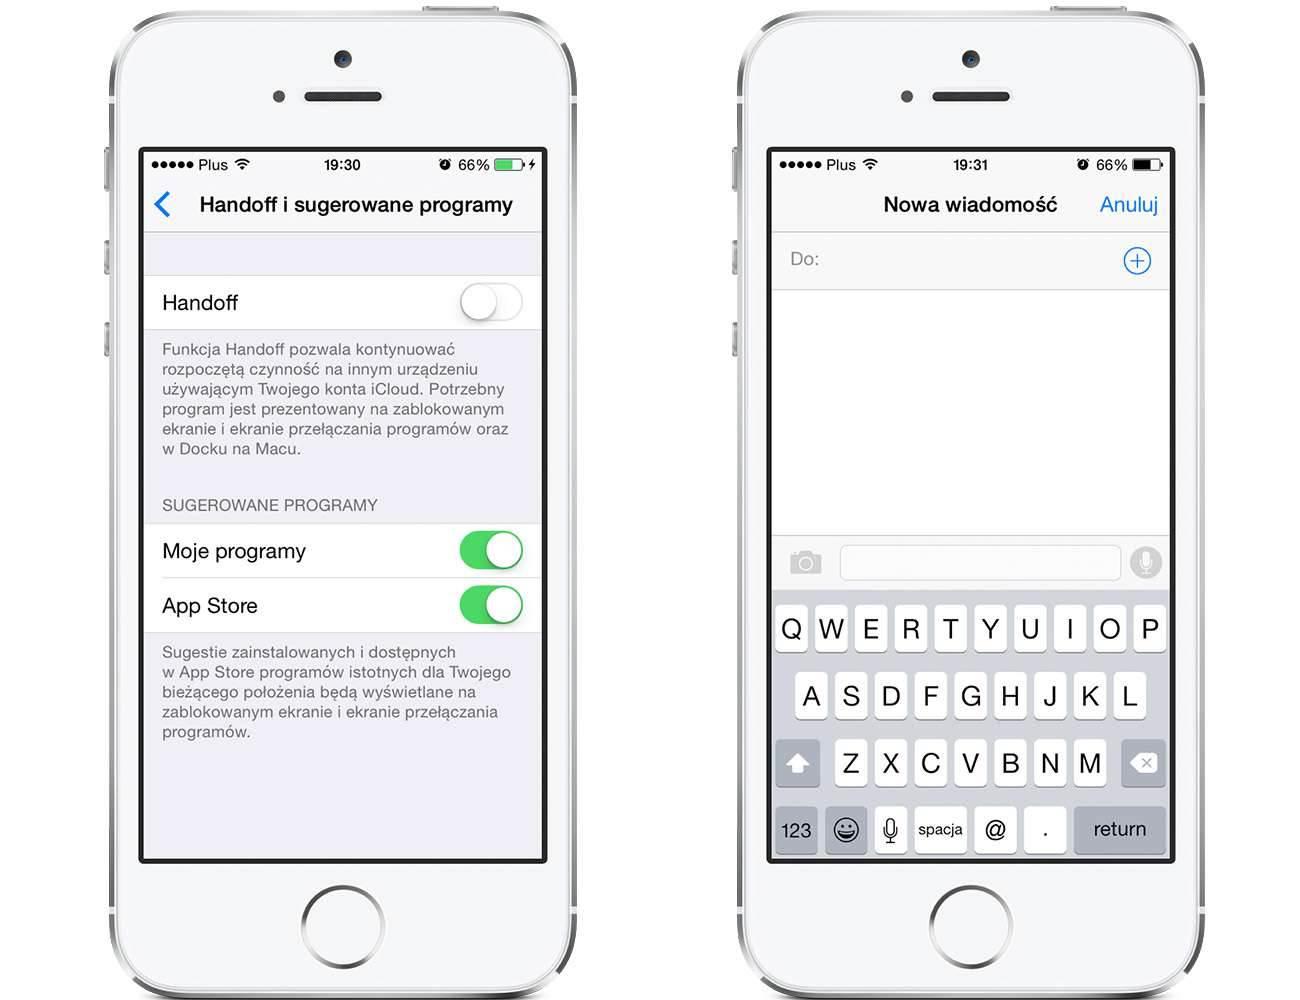 iOS 8 beta 4 - lista zmian polecane, ciekawostki, aktualizacje Update, OTA, nowa beta, Mavericks, lista zmian iOS 8 beta 4, lista zmian, iPhone 5s, iPhone, iPad, ios8 beta 4, iOS8, iOS 8 beta 4 co nowego, ios 8 beta 4, iOS 8, iOS, Apple, Aktualizacja  Jak wiece w poniedziałek około godziny 19:00, Apple udostępniło deweloperom czwartą betę iOS 8. Poniżej znajdziecie listę zmian jakie zauważyłem w stosunku do poprzedniej bety. IOS8beta4